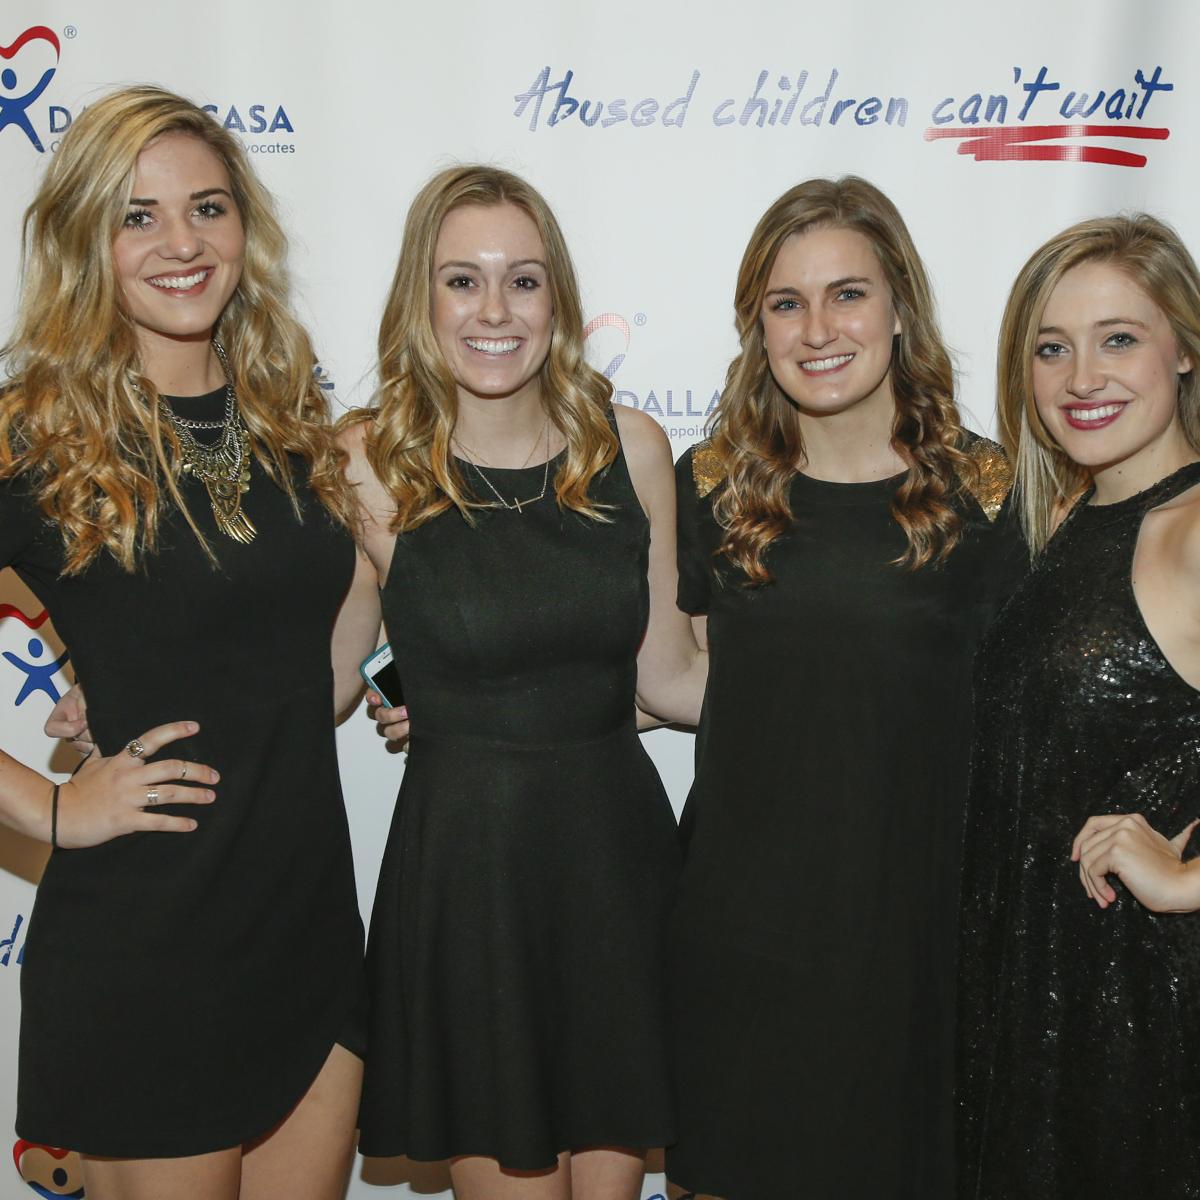 Morgan Spencer, Emily Vander Lans, Ali Achord and Sarah Hauke